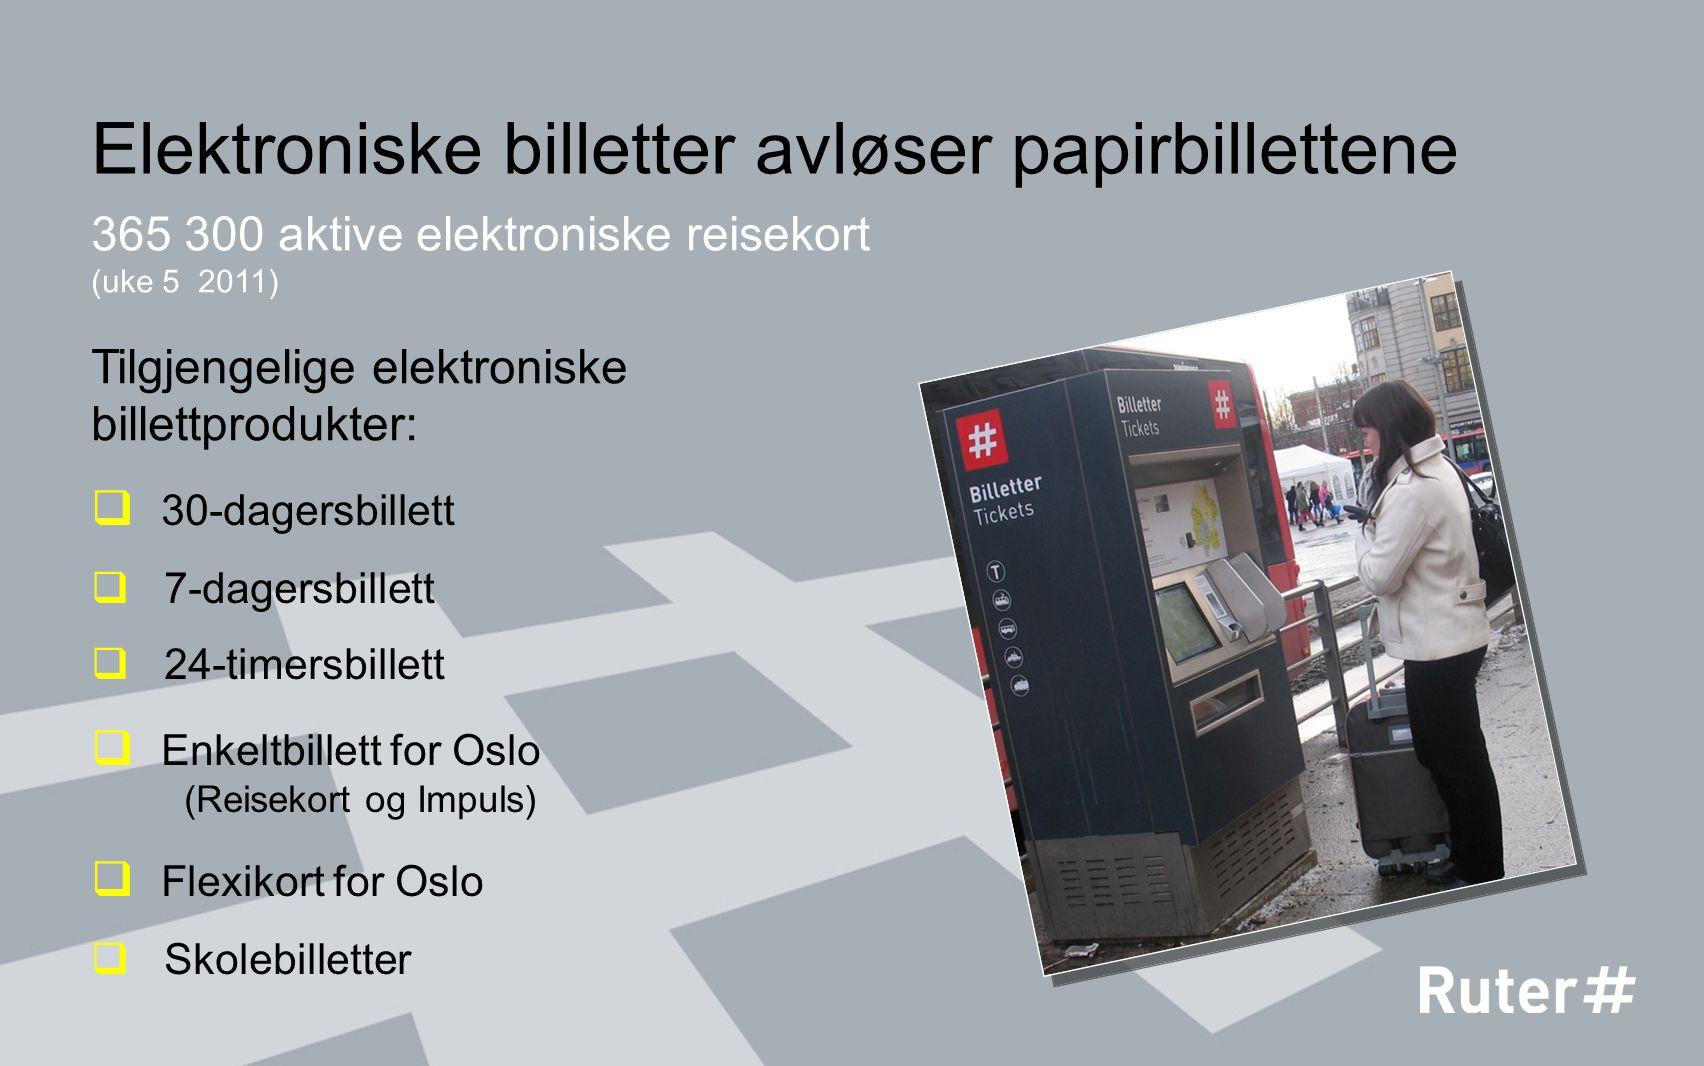 Elektroniske billetter avløser papirbillettene 365 300 aktive elektroniske reisekort (uke 5 2011) Tilgjengelige elektroniske billettprodukter:  30-da